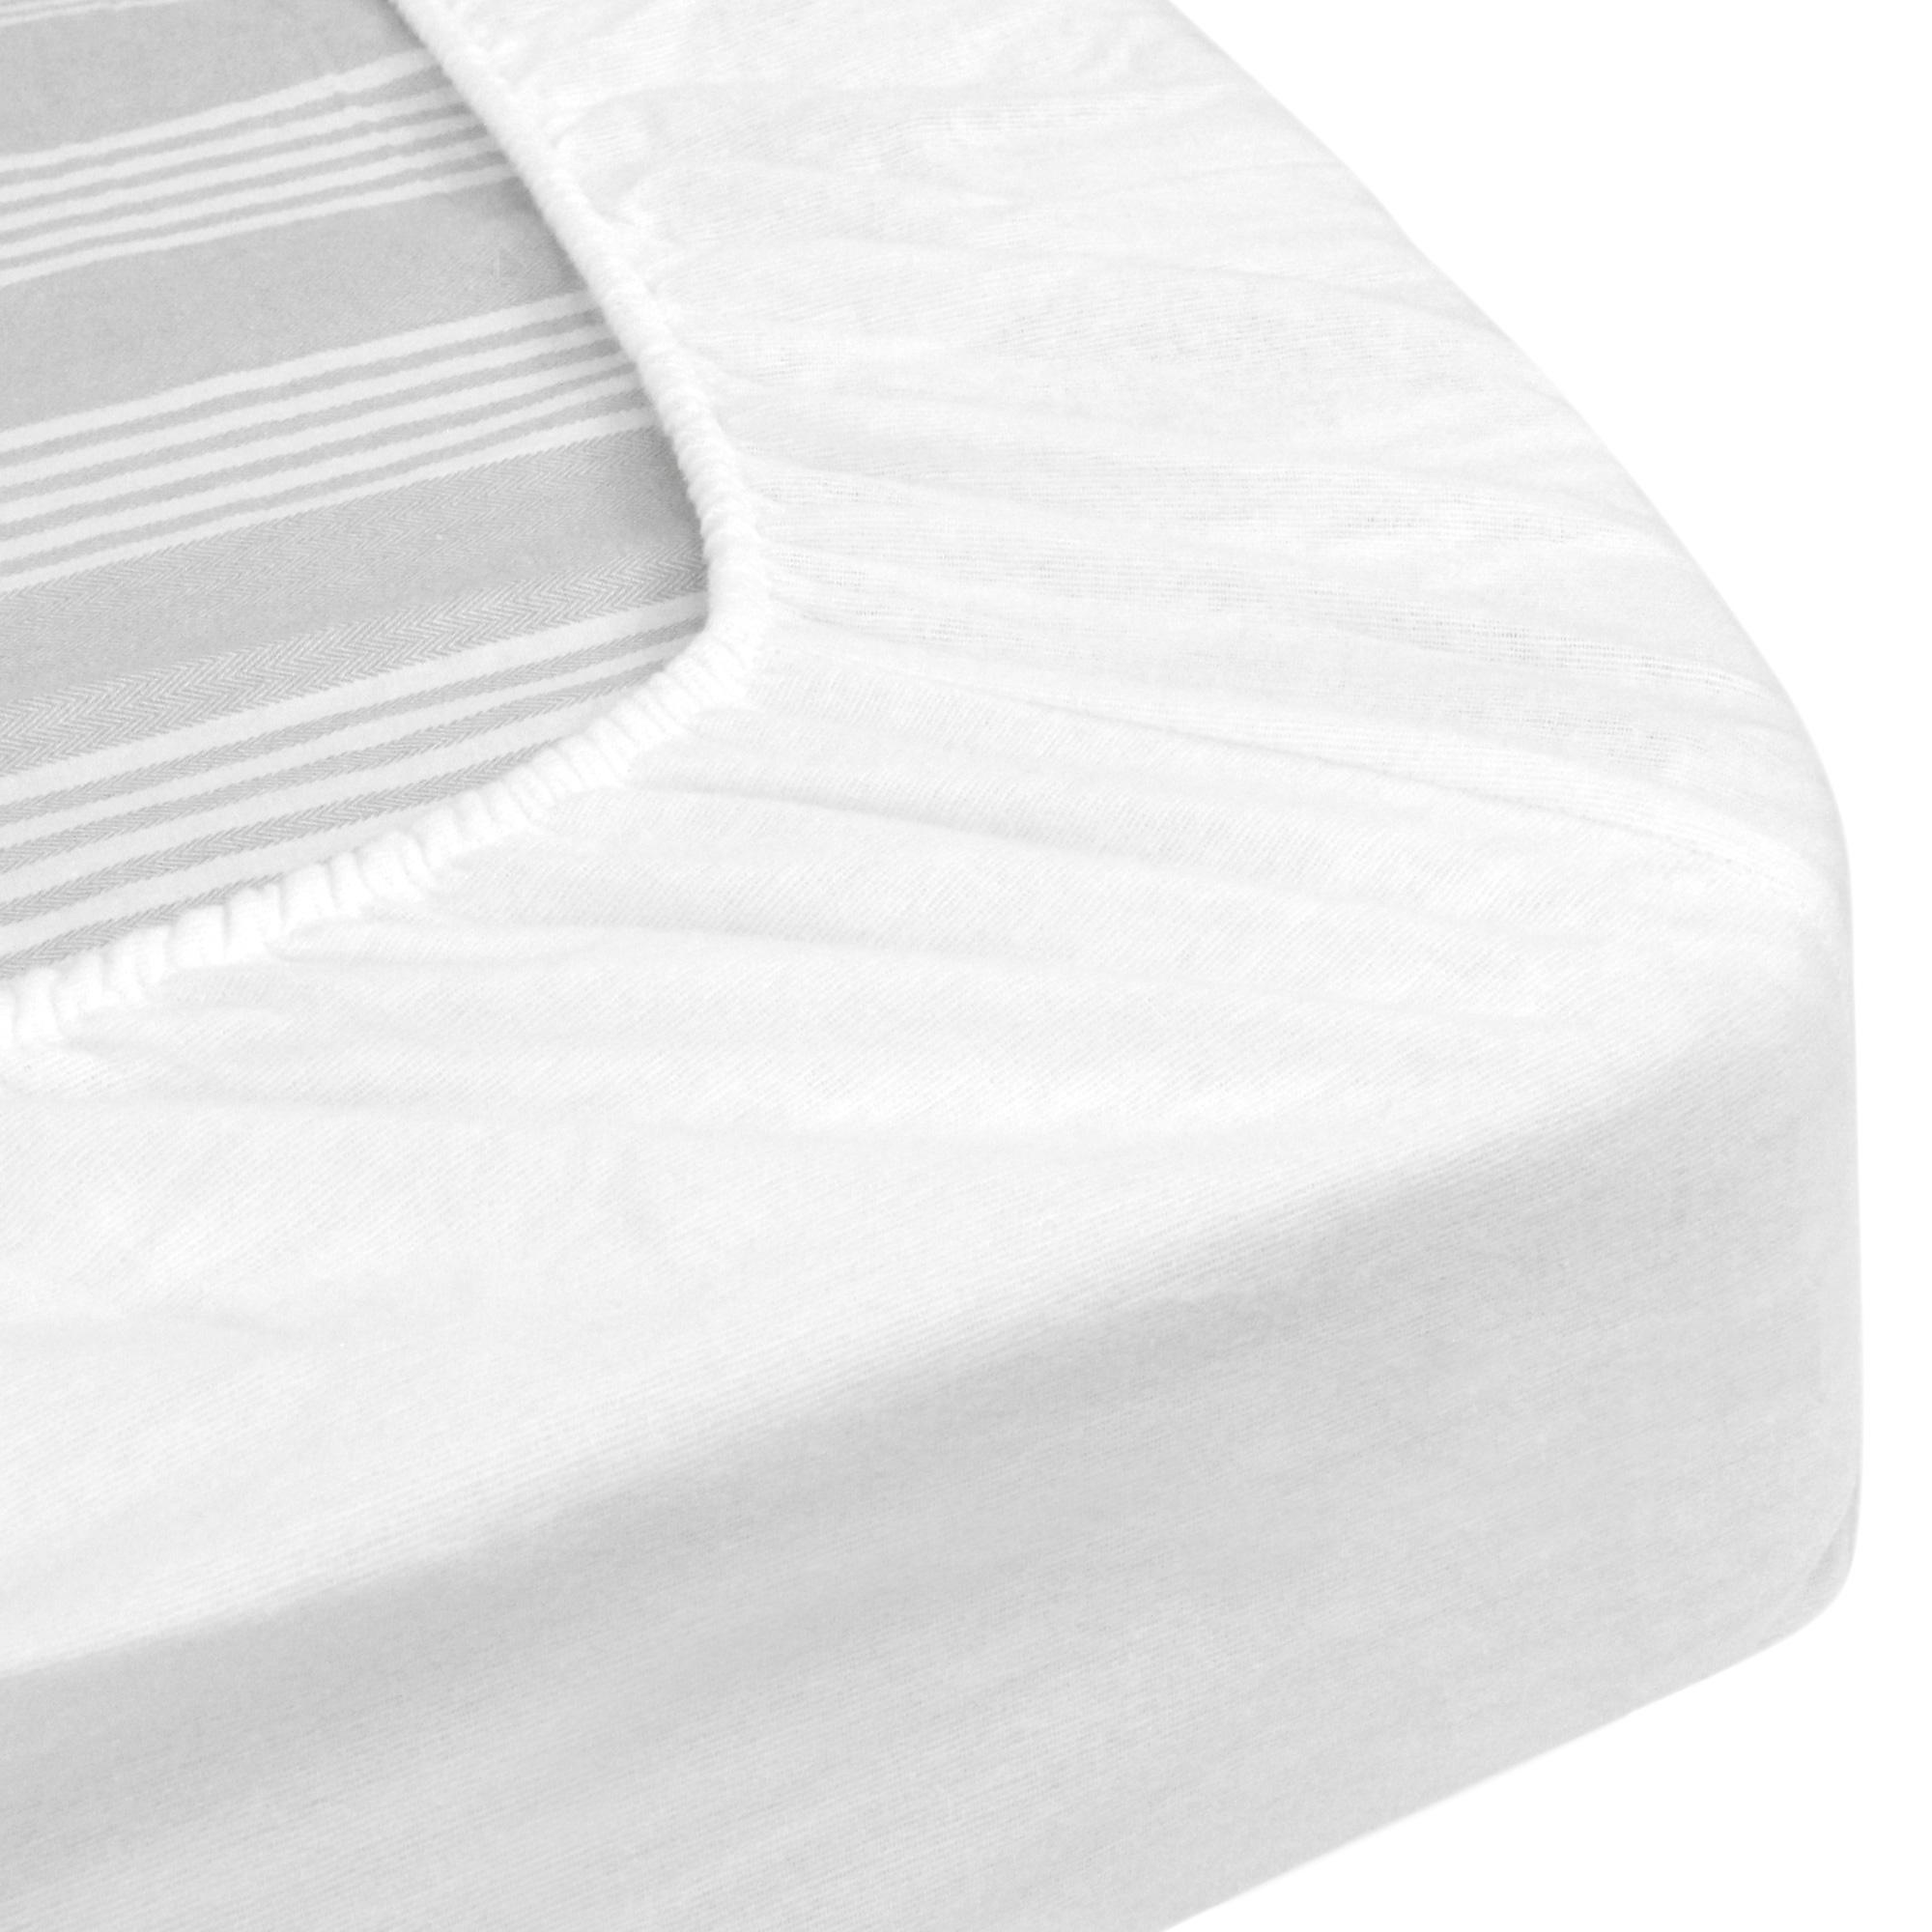 prot ge matelas imperm able 200x190 cm bonnet 23cm arnon molleton 100 coton contrecoll. Black Bedroom Furniture Sets. Home Design Ideas